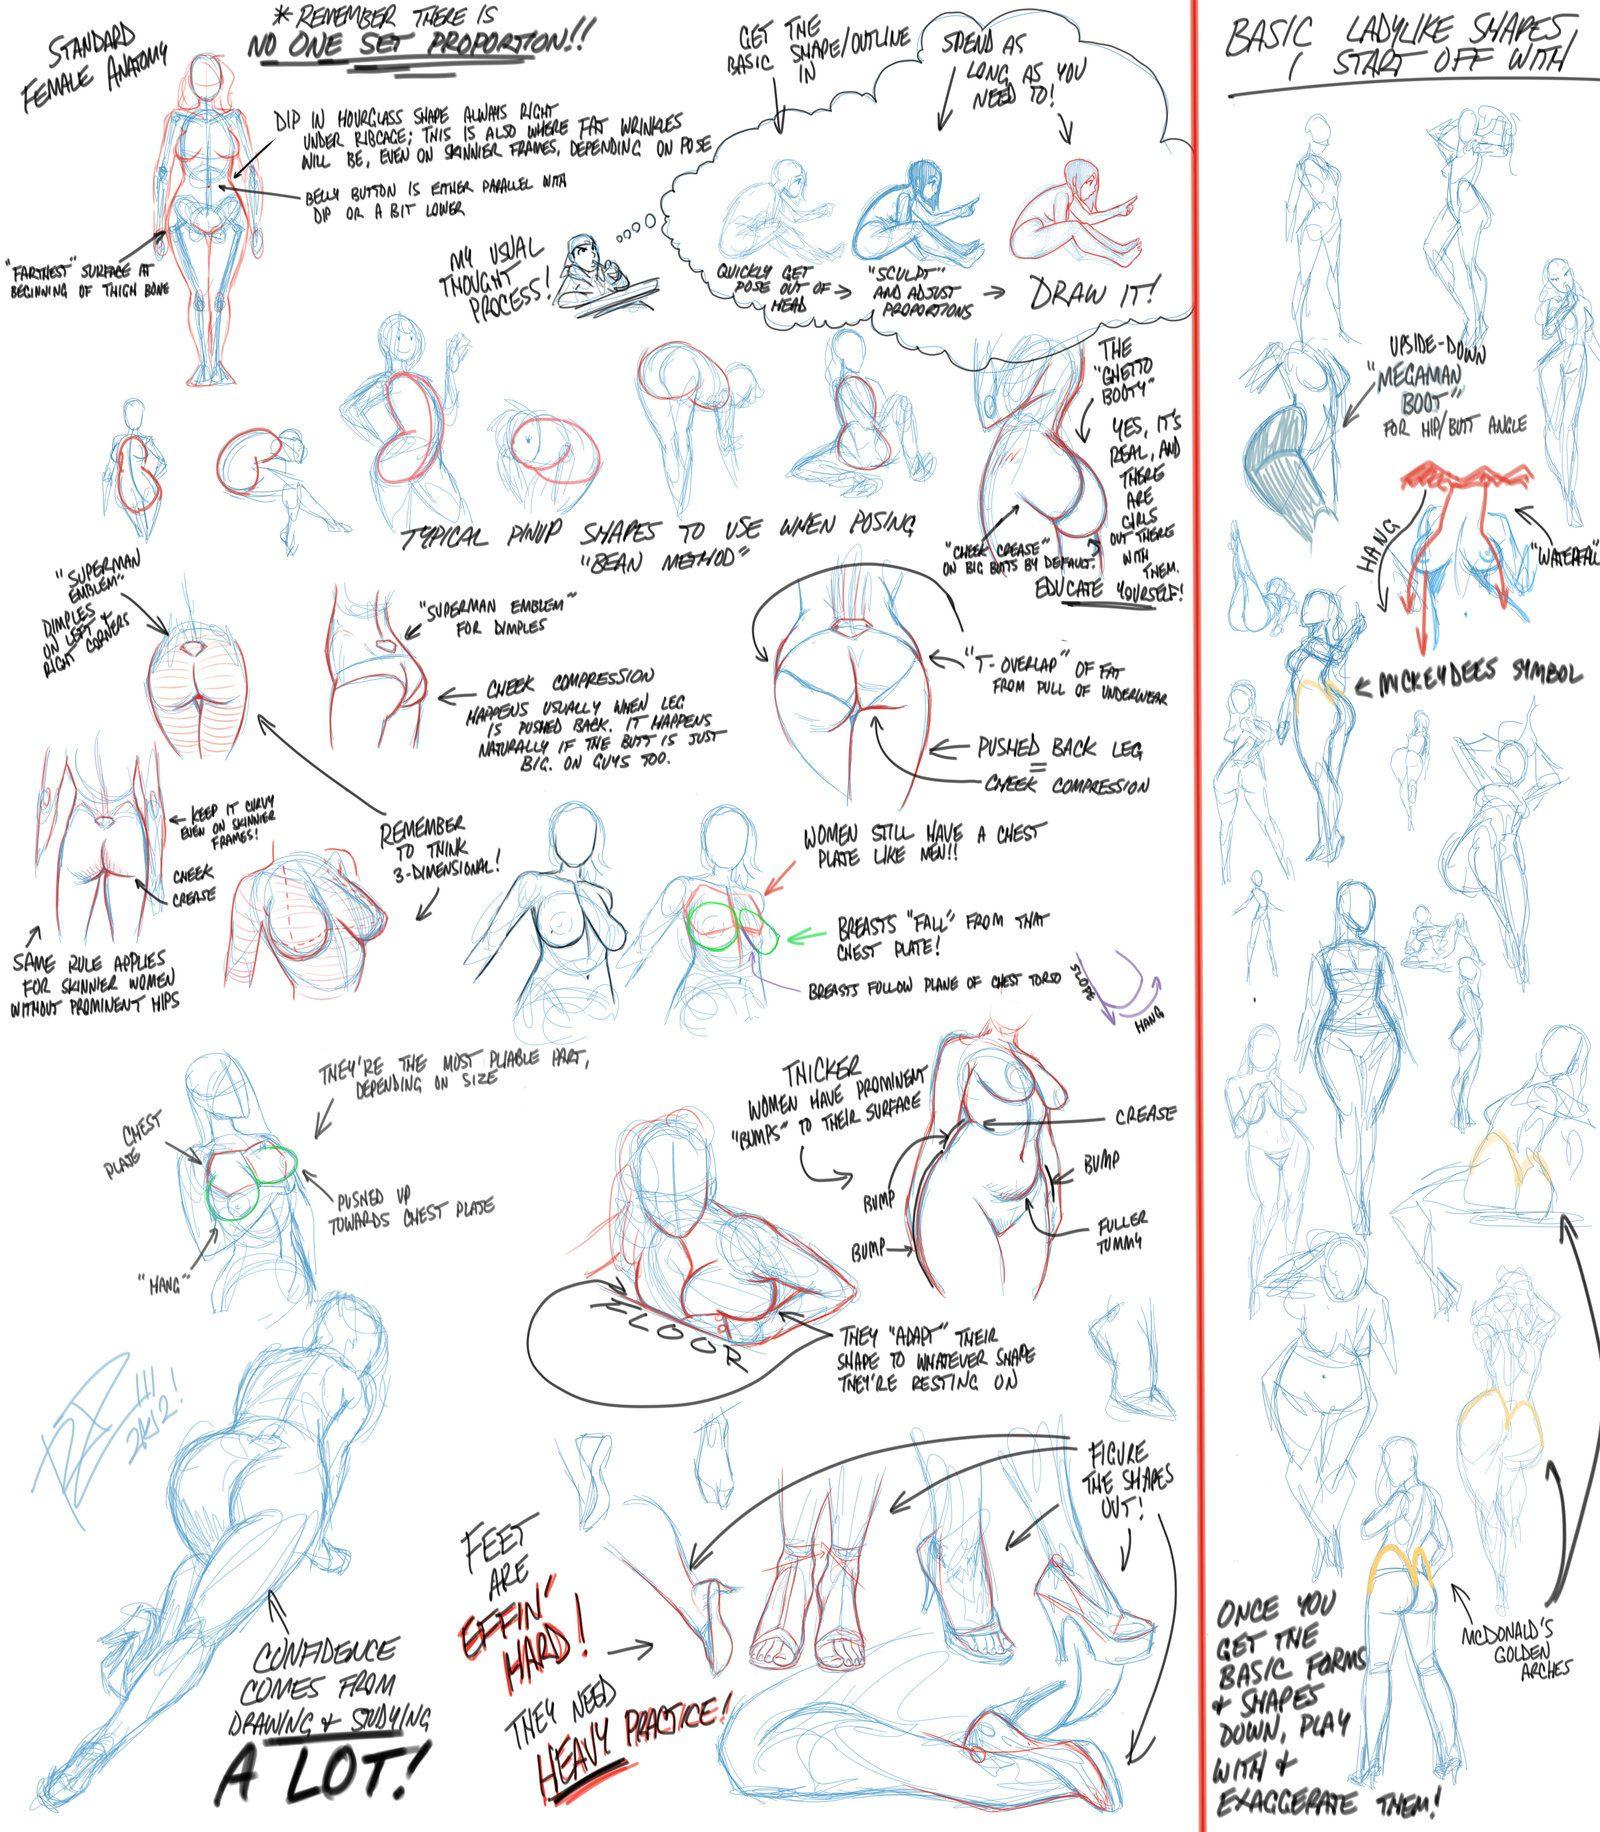 Tuto-Sketch: Referencias cuerpo mujer | Referencias | Pinterest ...